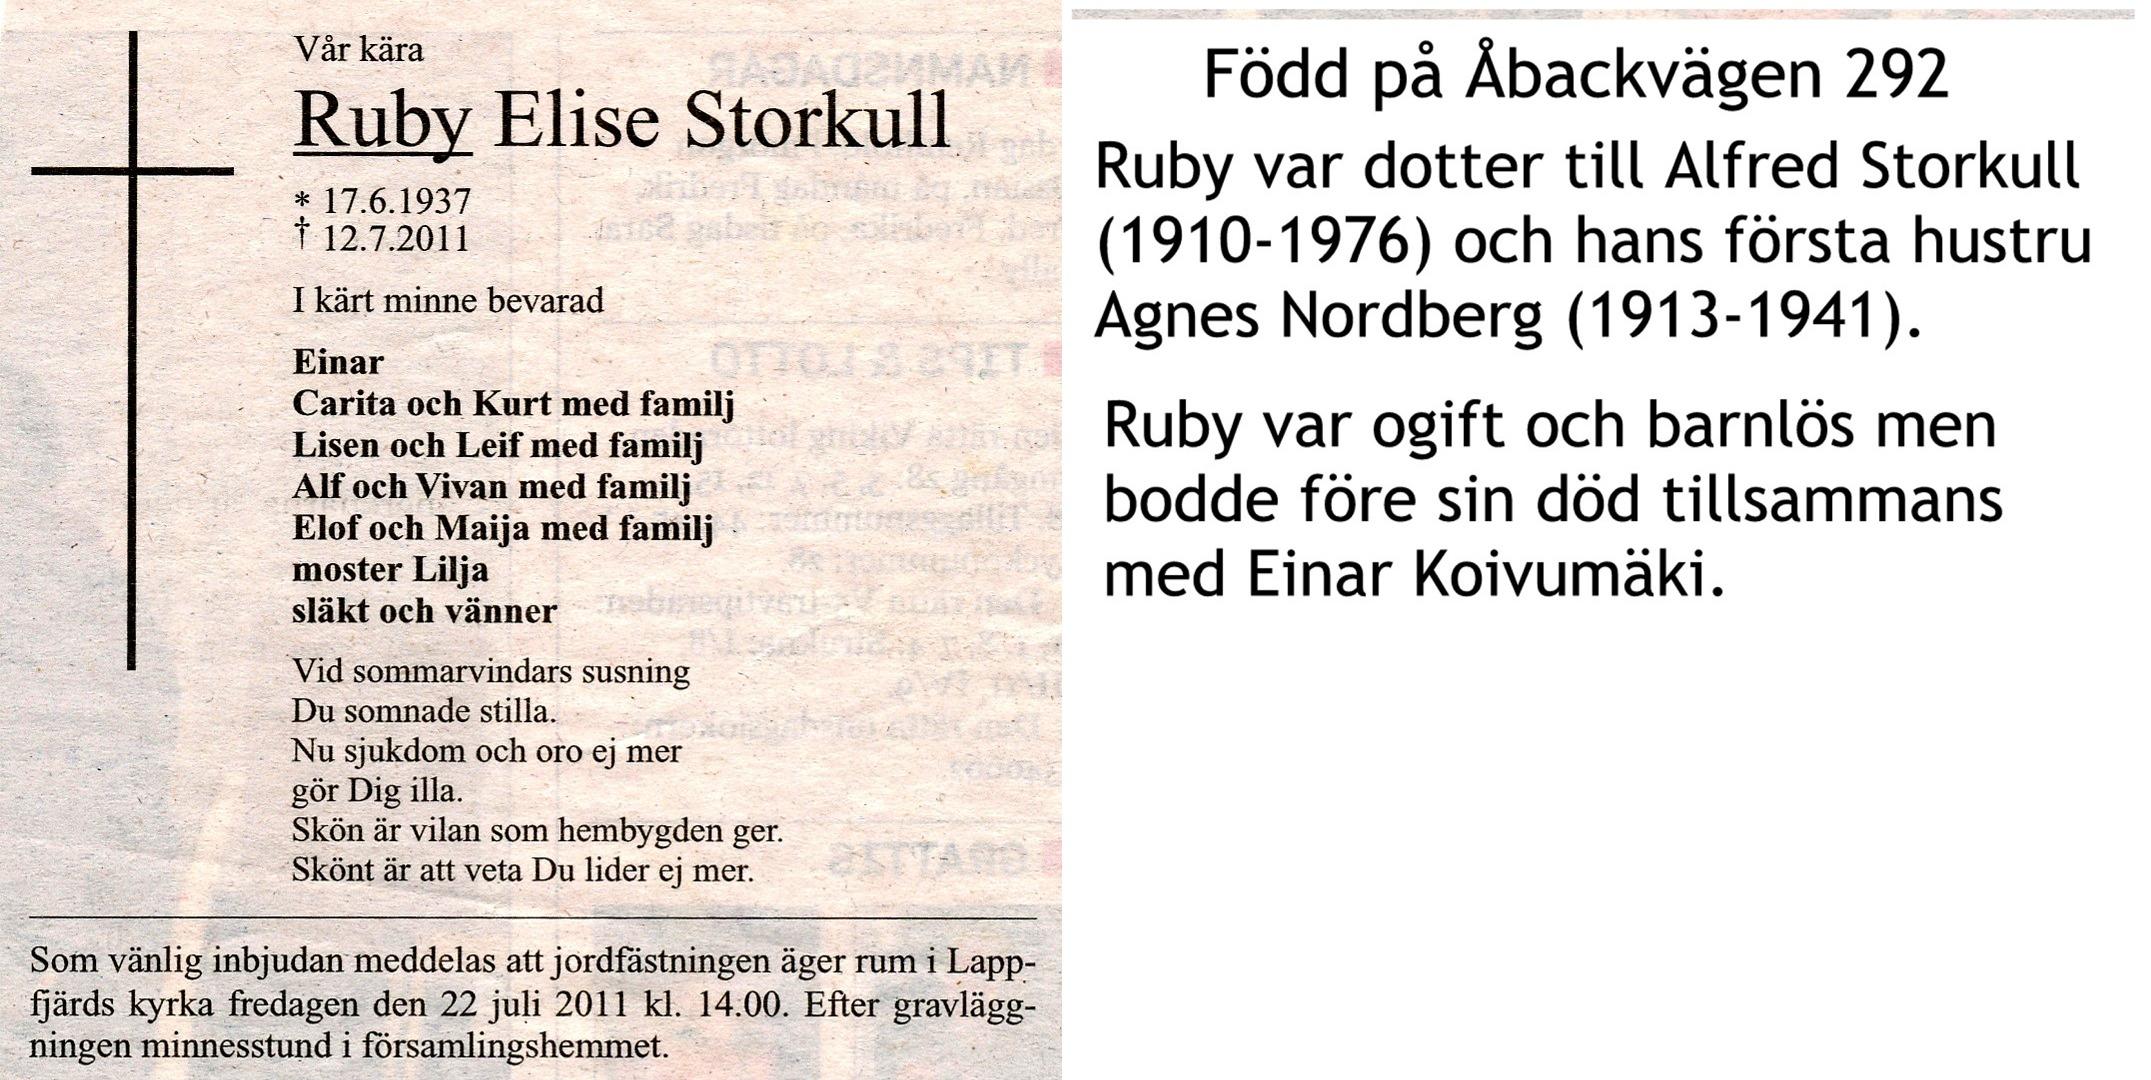 Storkull Ruby